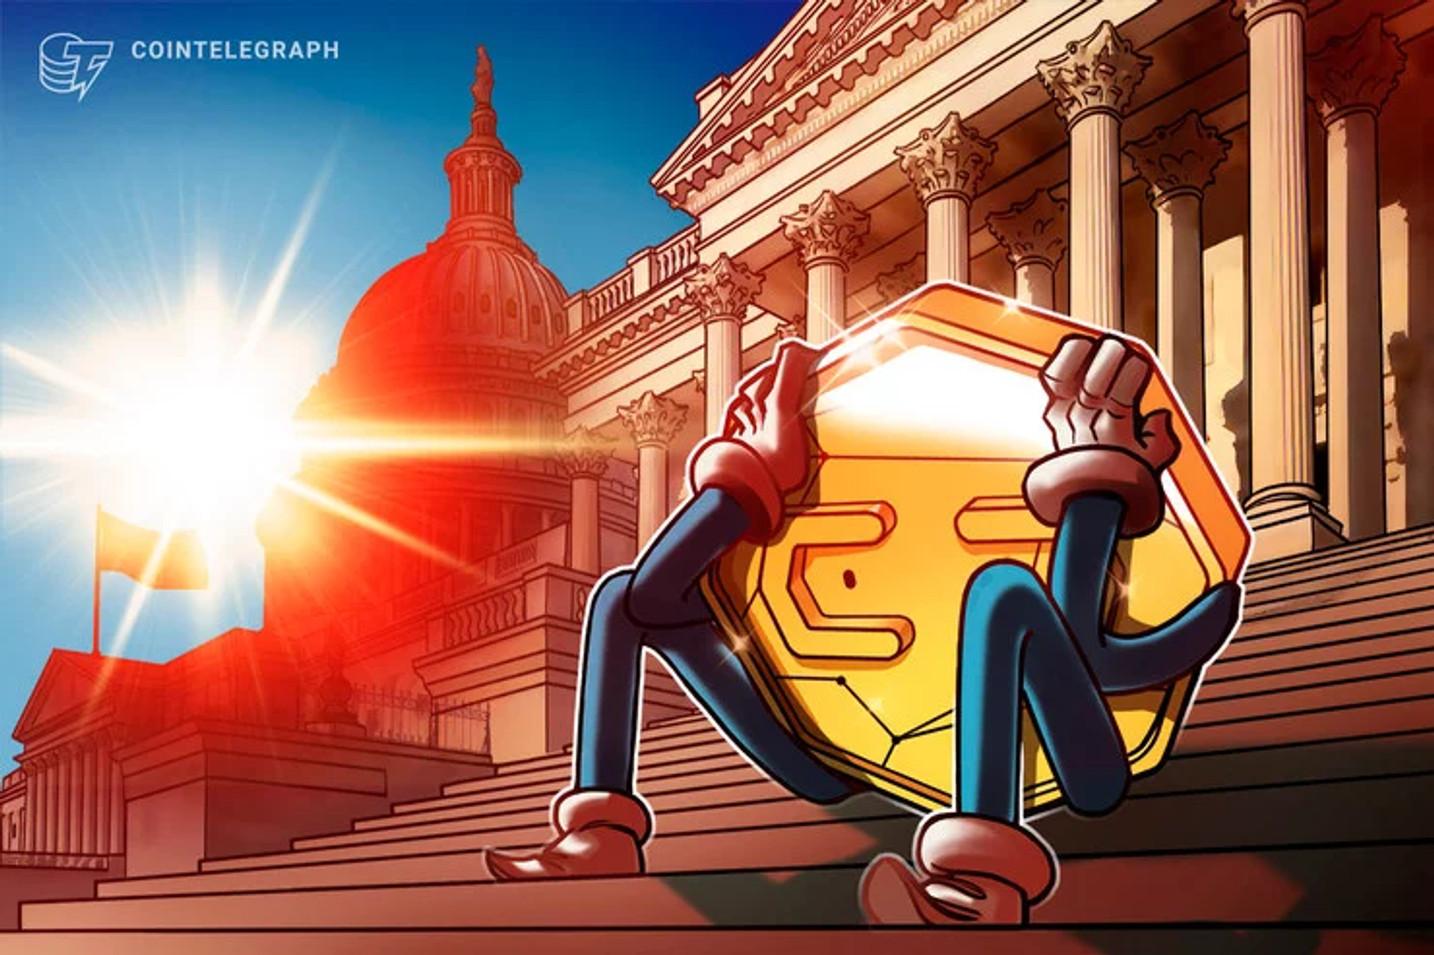 Bitcoin despenca mais de 7% e cai abaixo de US$ 8.700, pior marca em fevereiro